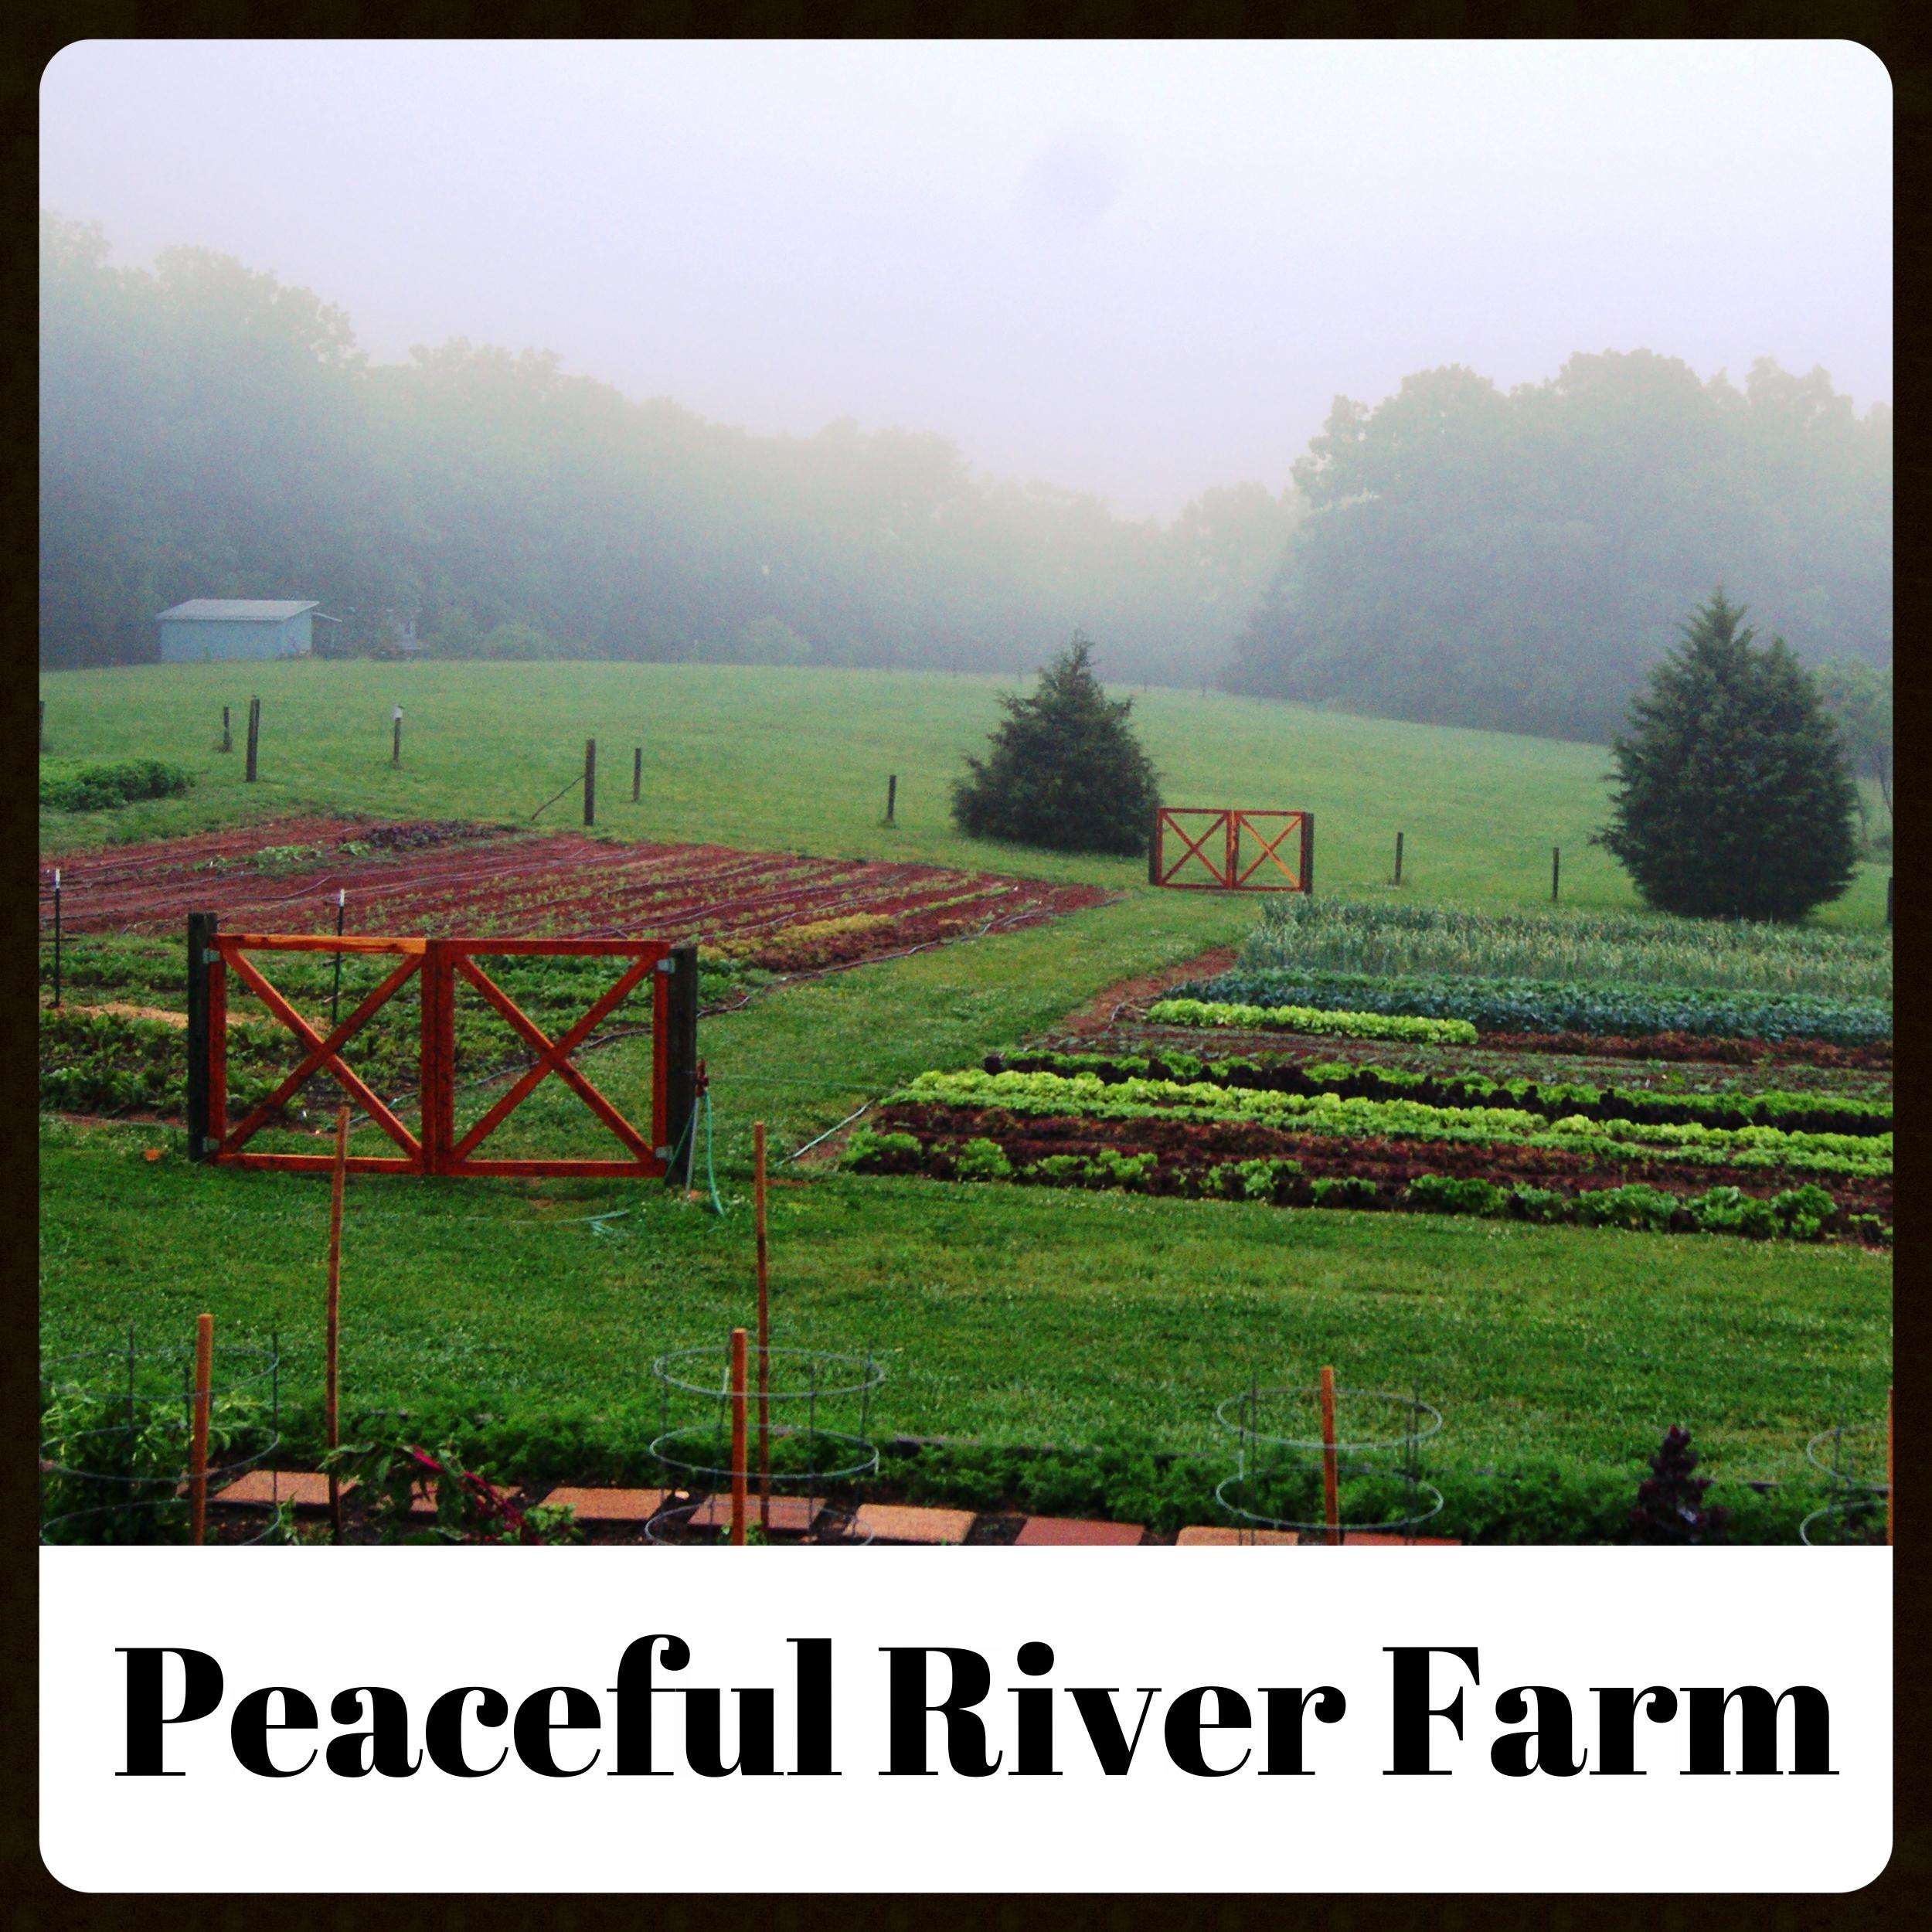 PeacefulRiverFarm.jpg